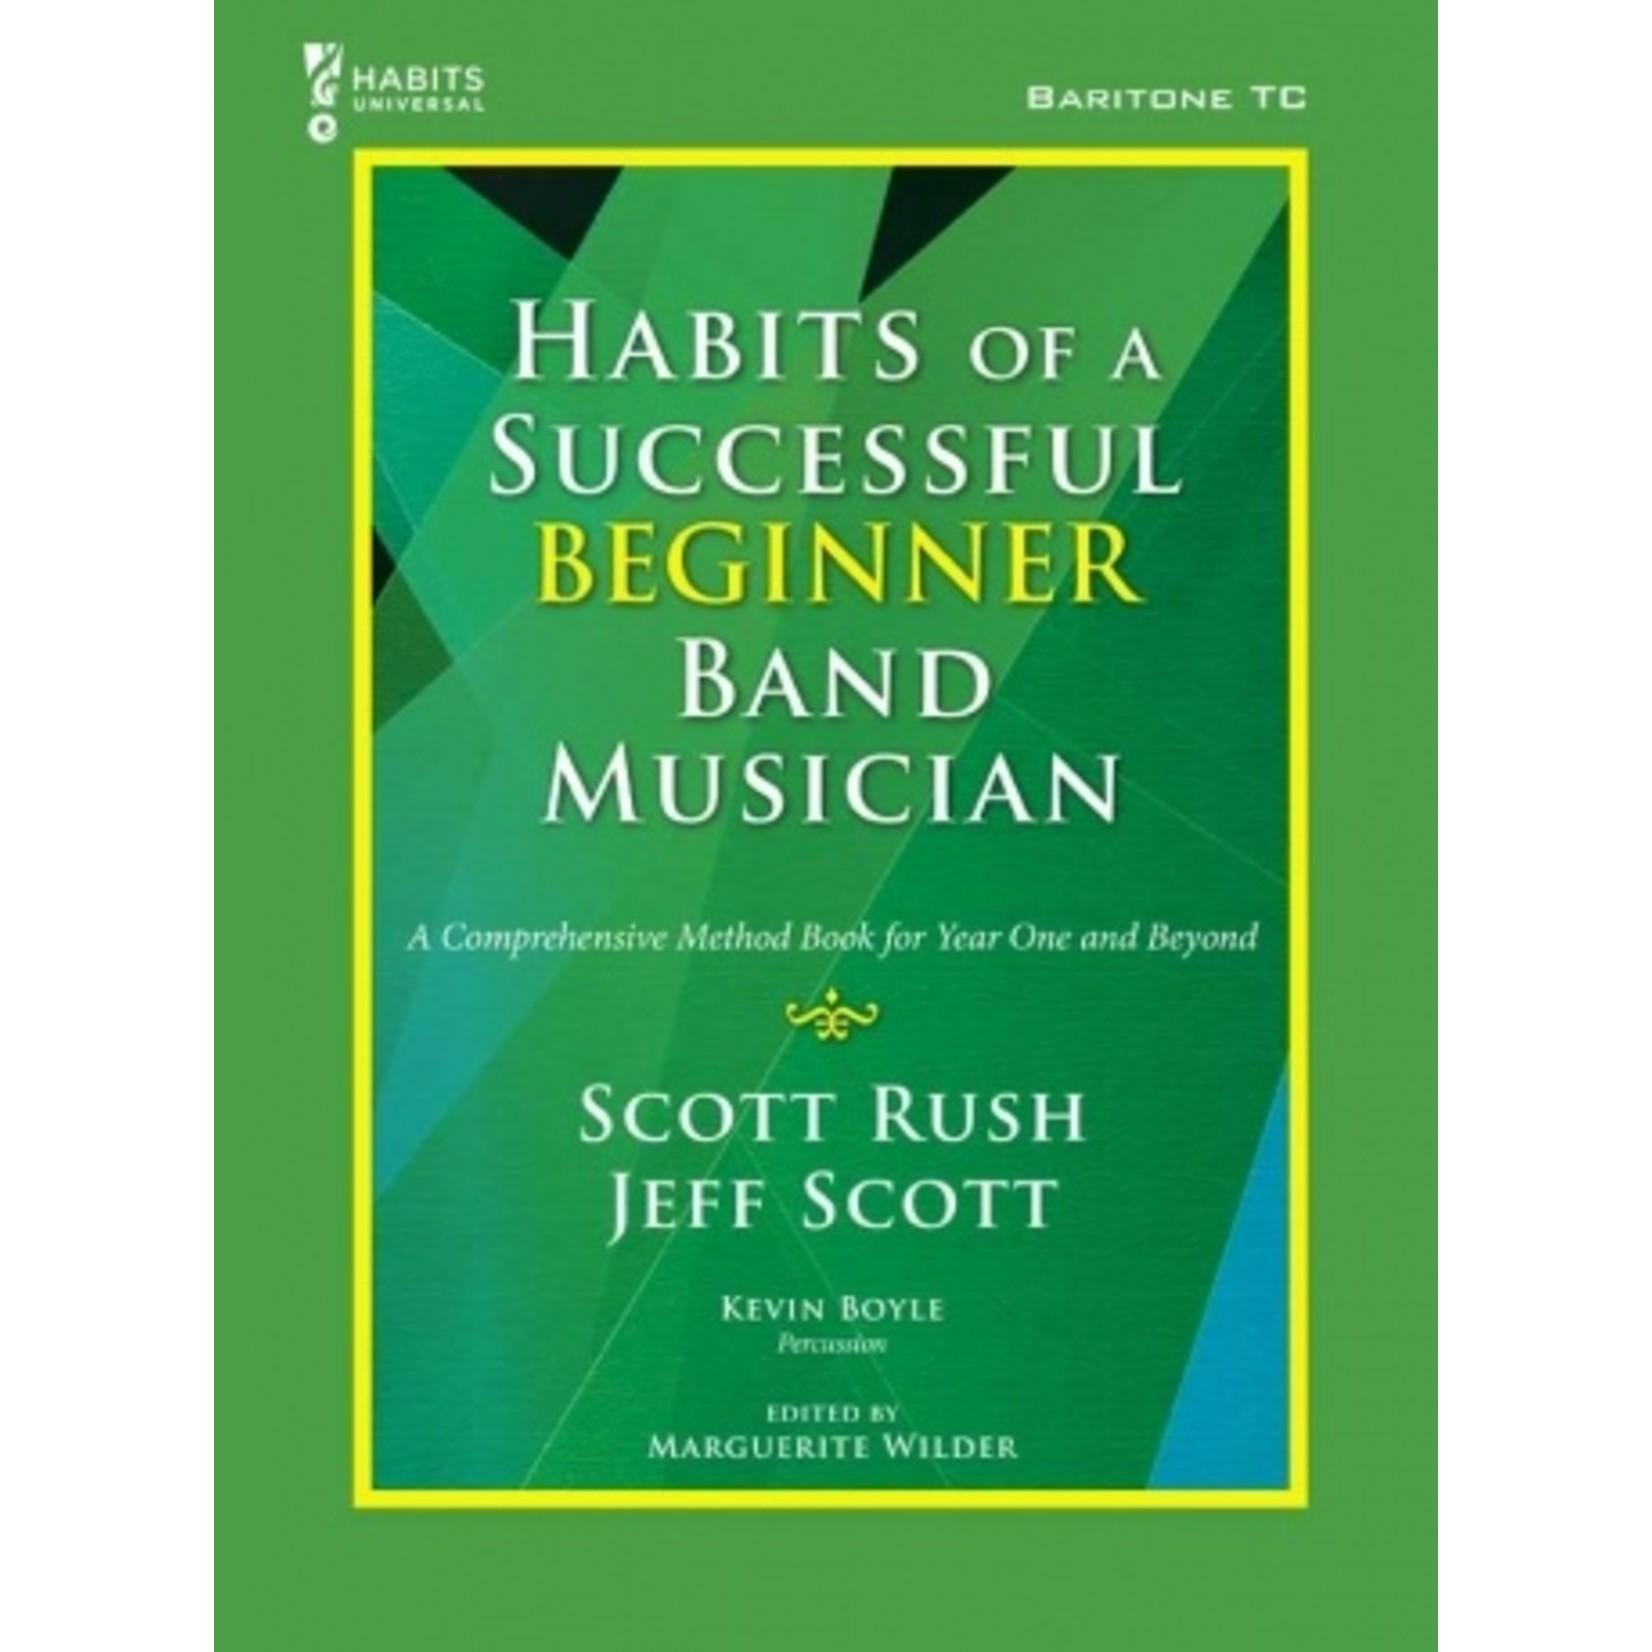 Habits of a Successful Beginner Band Musician - Baritone Treble Clef